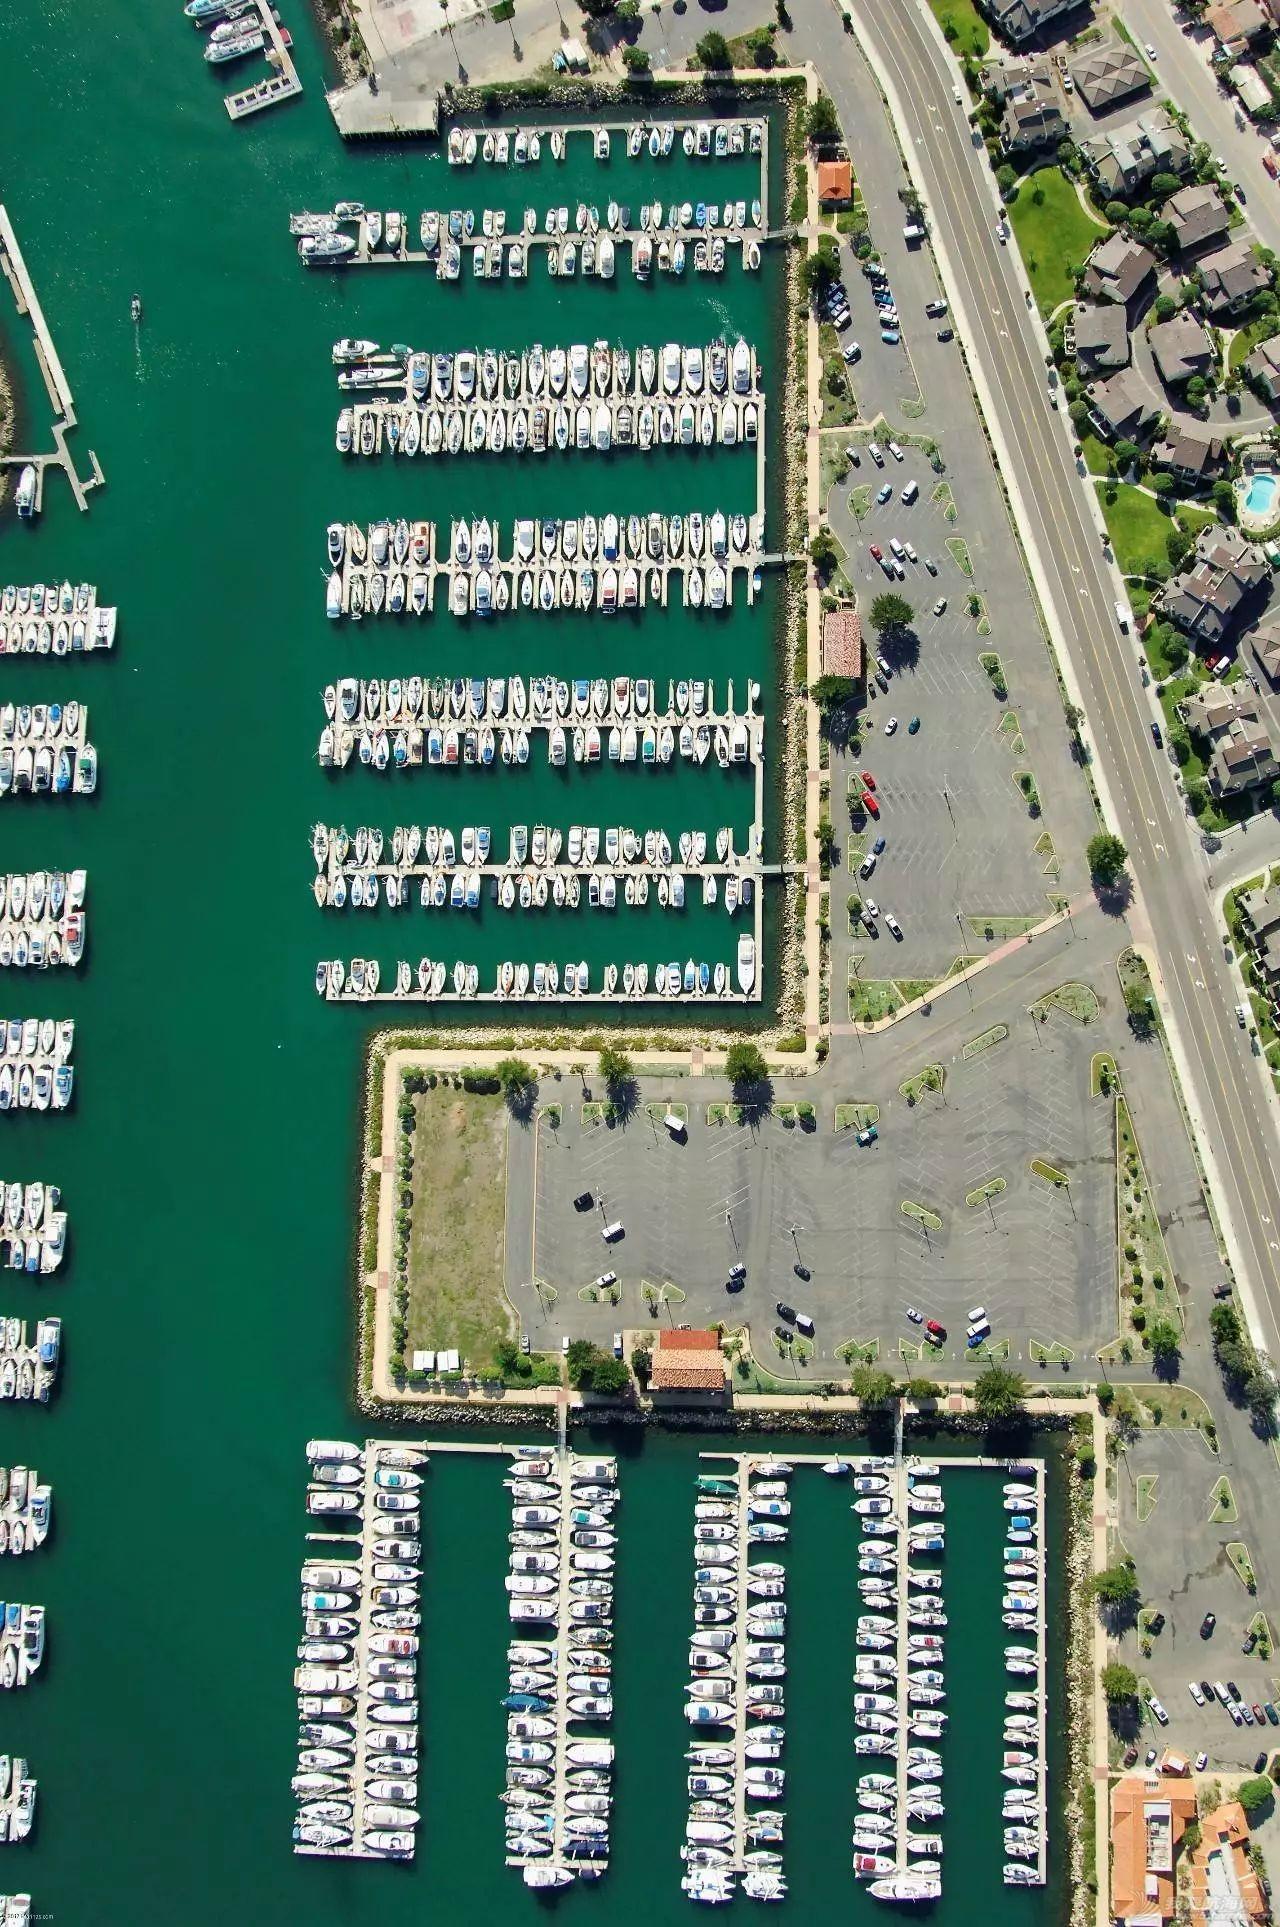 英国,Marina,无妨,看看,编辑 英美108家游艇港航拍大片 ,Southampton, California,Florida,Maryland  084012cv942b4zddccmrz0